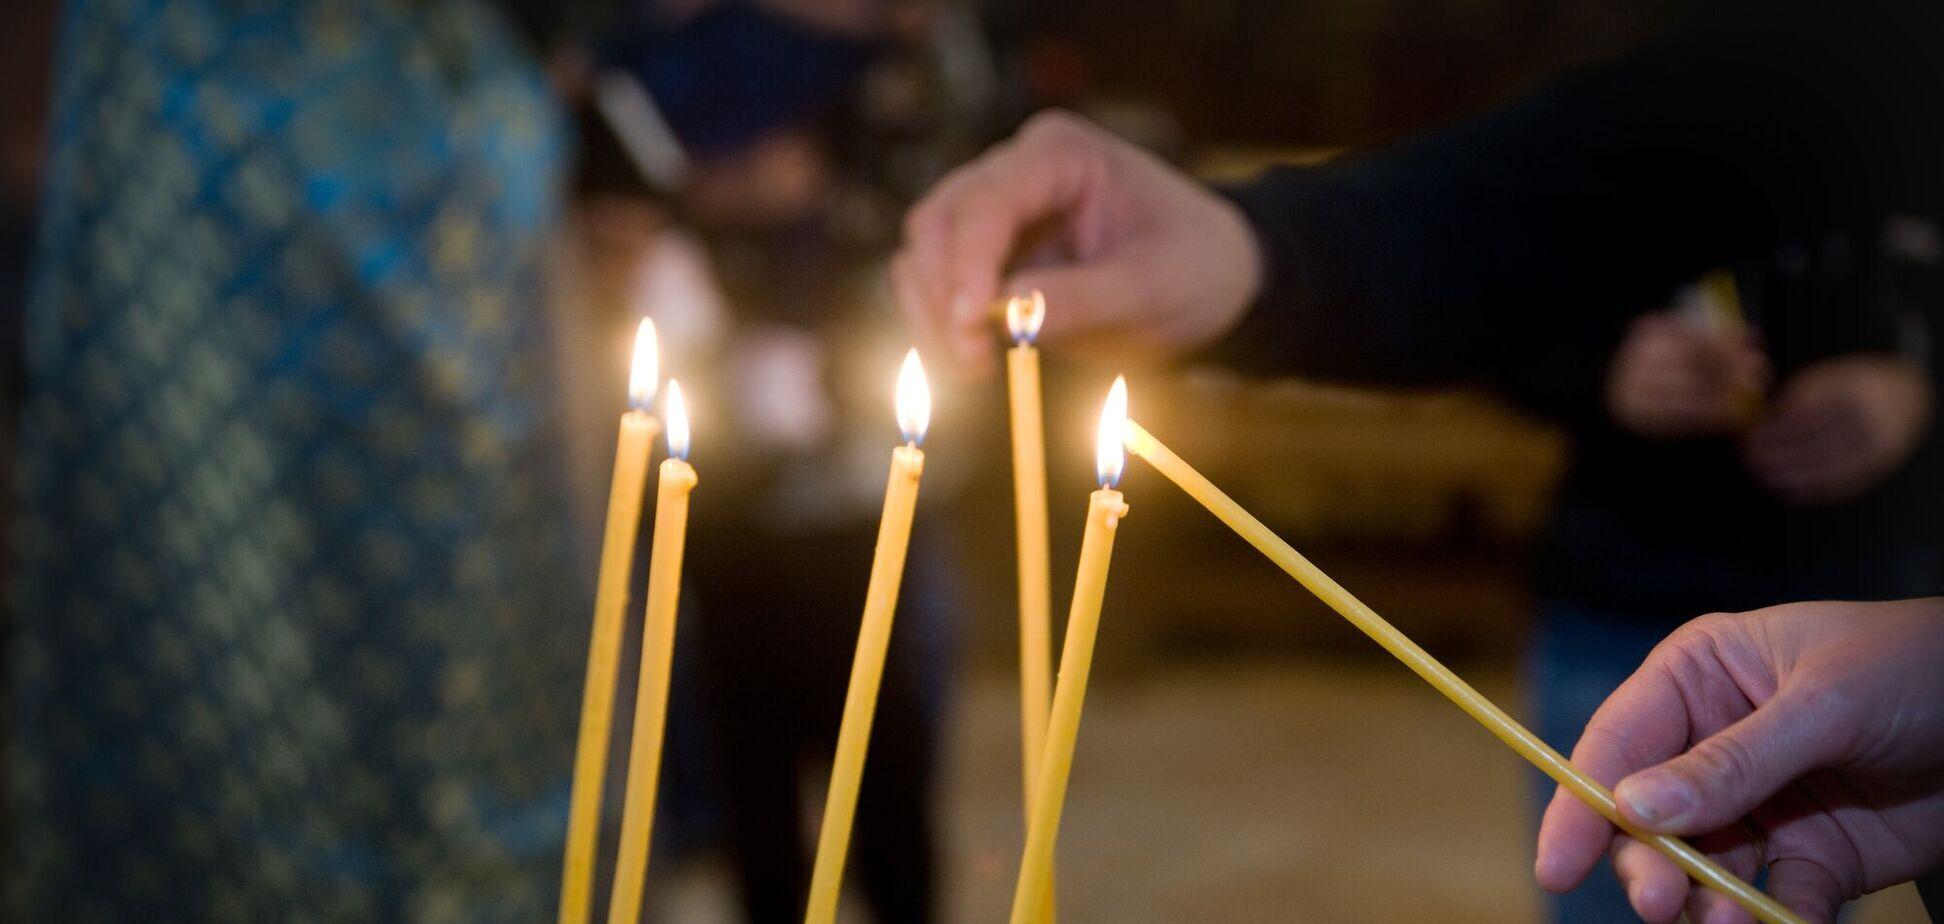 Дмитриевская суббота является общепризнанным в народе днем поминовения всех умерших православных христиан